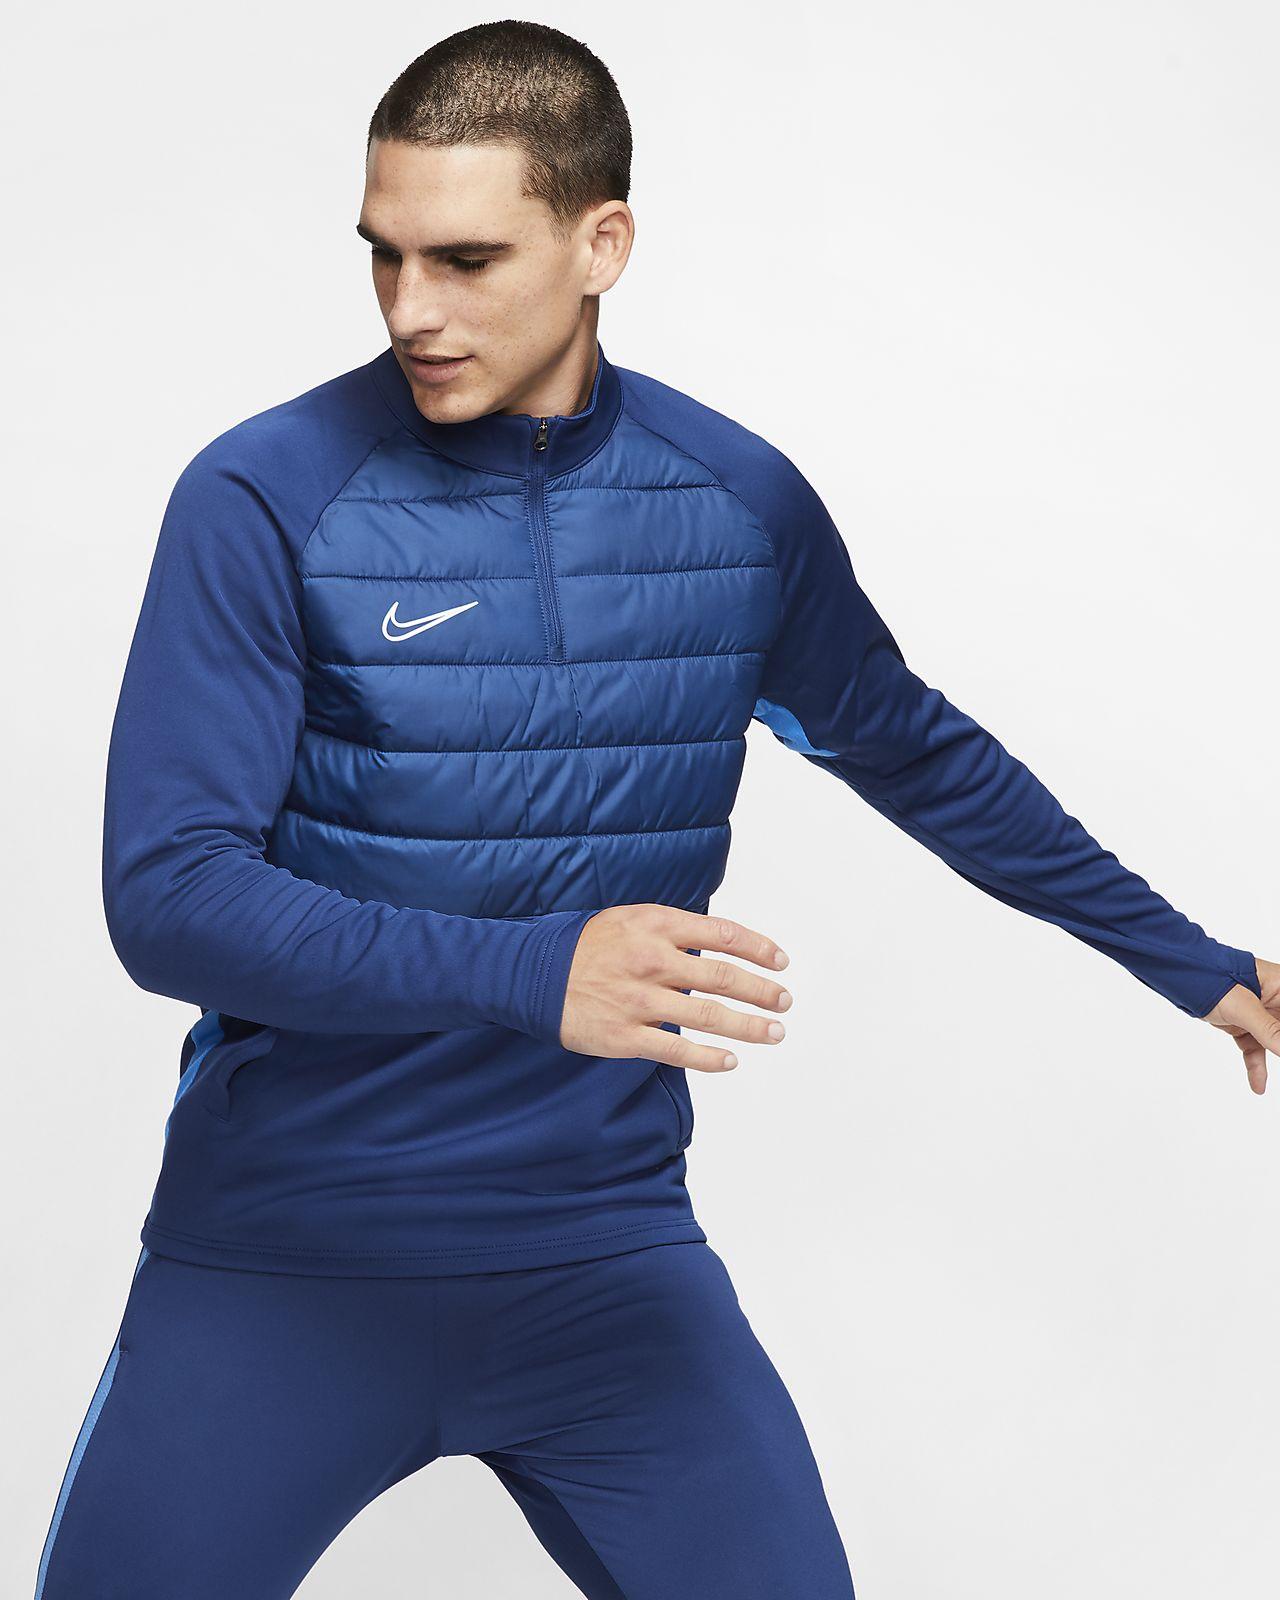 Мужская футболка для футбольного тренинга Nike Dri-FIT Academy